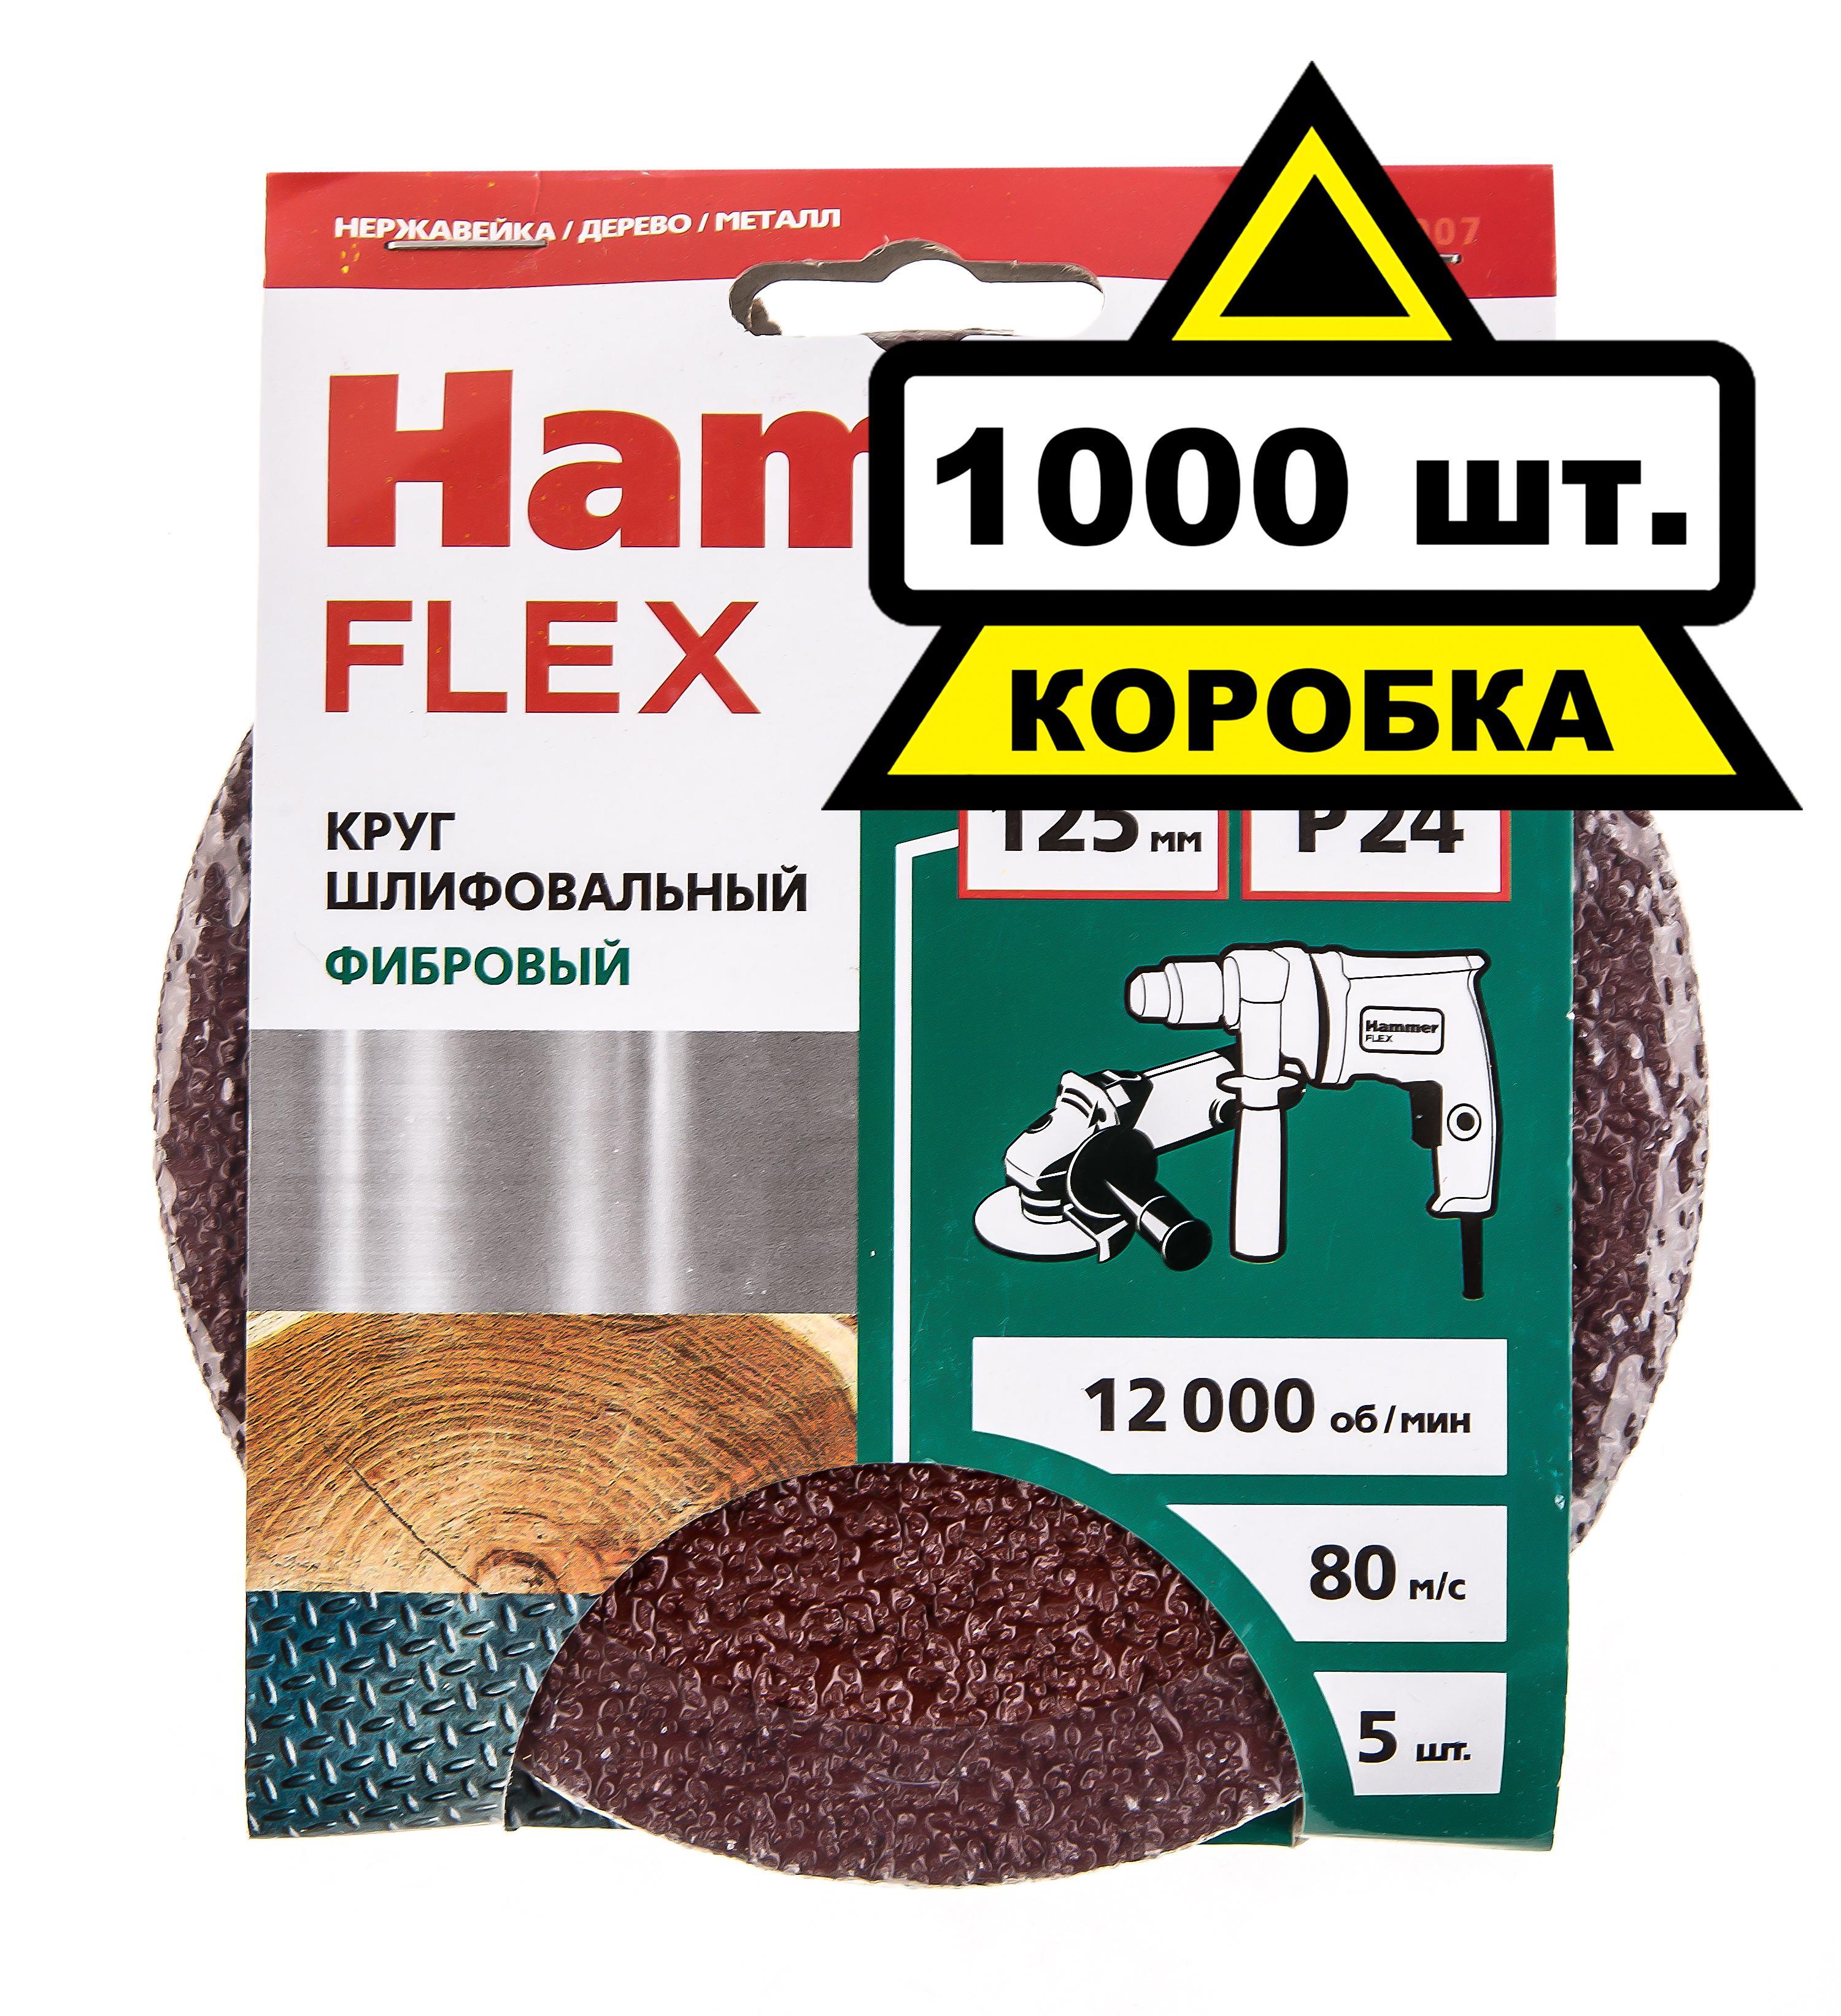 Купить Круг фибровый Hammer 125мм p24